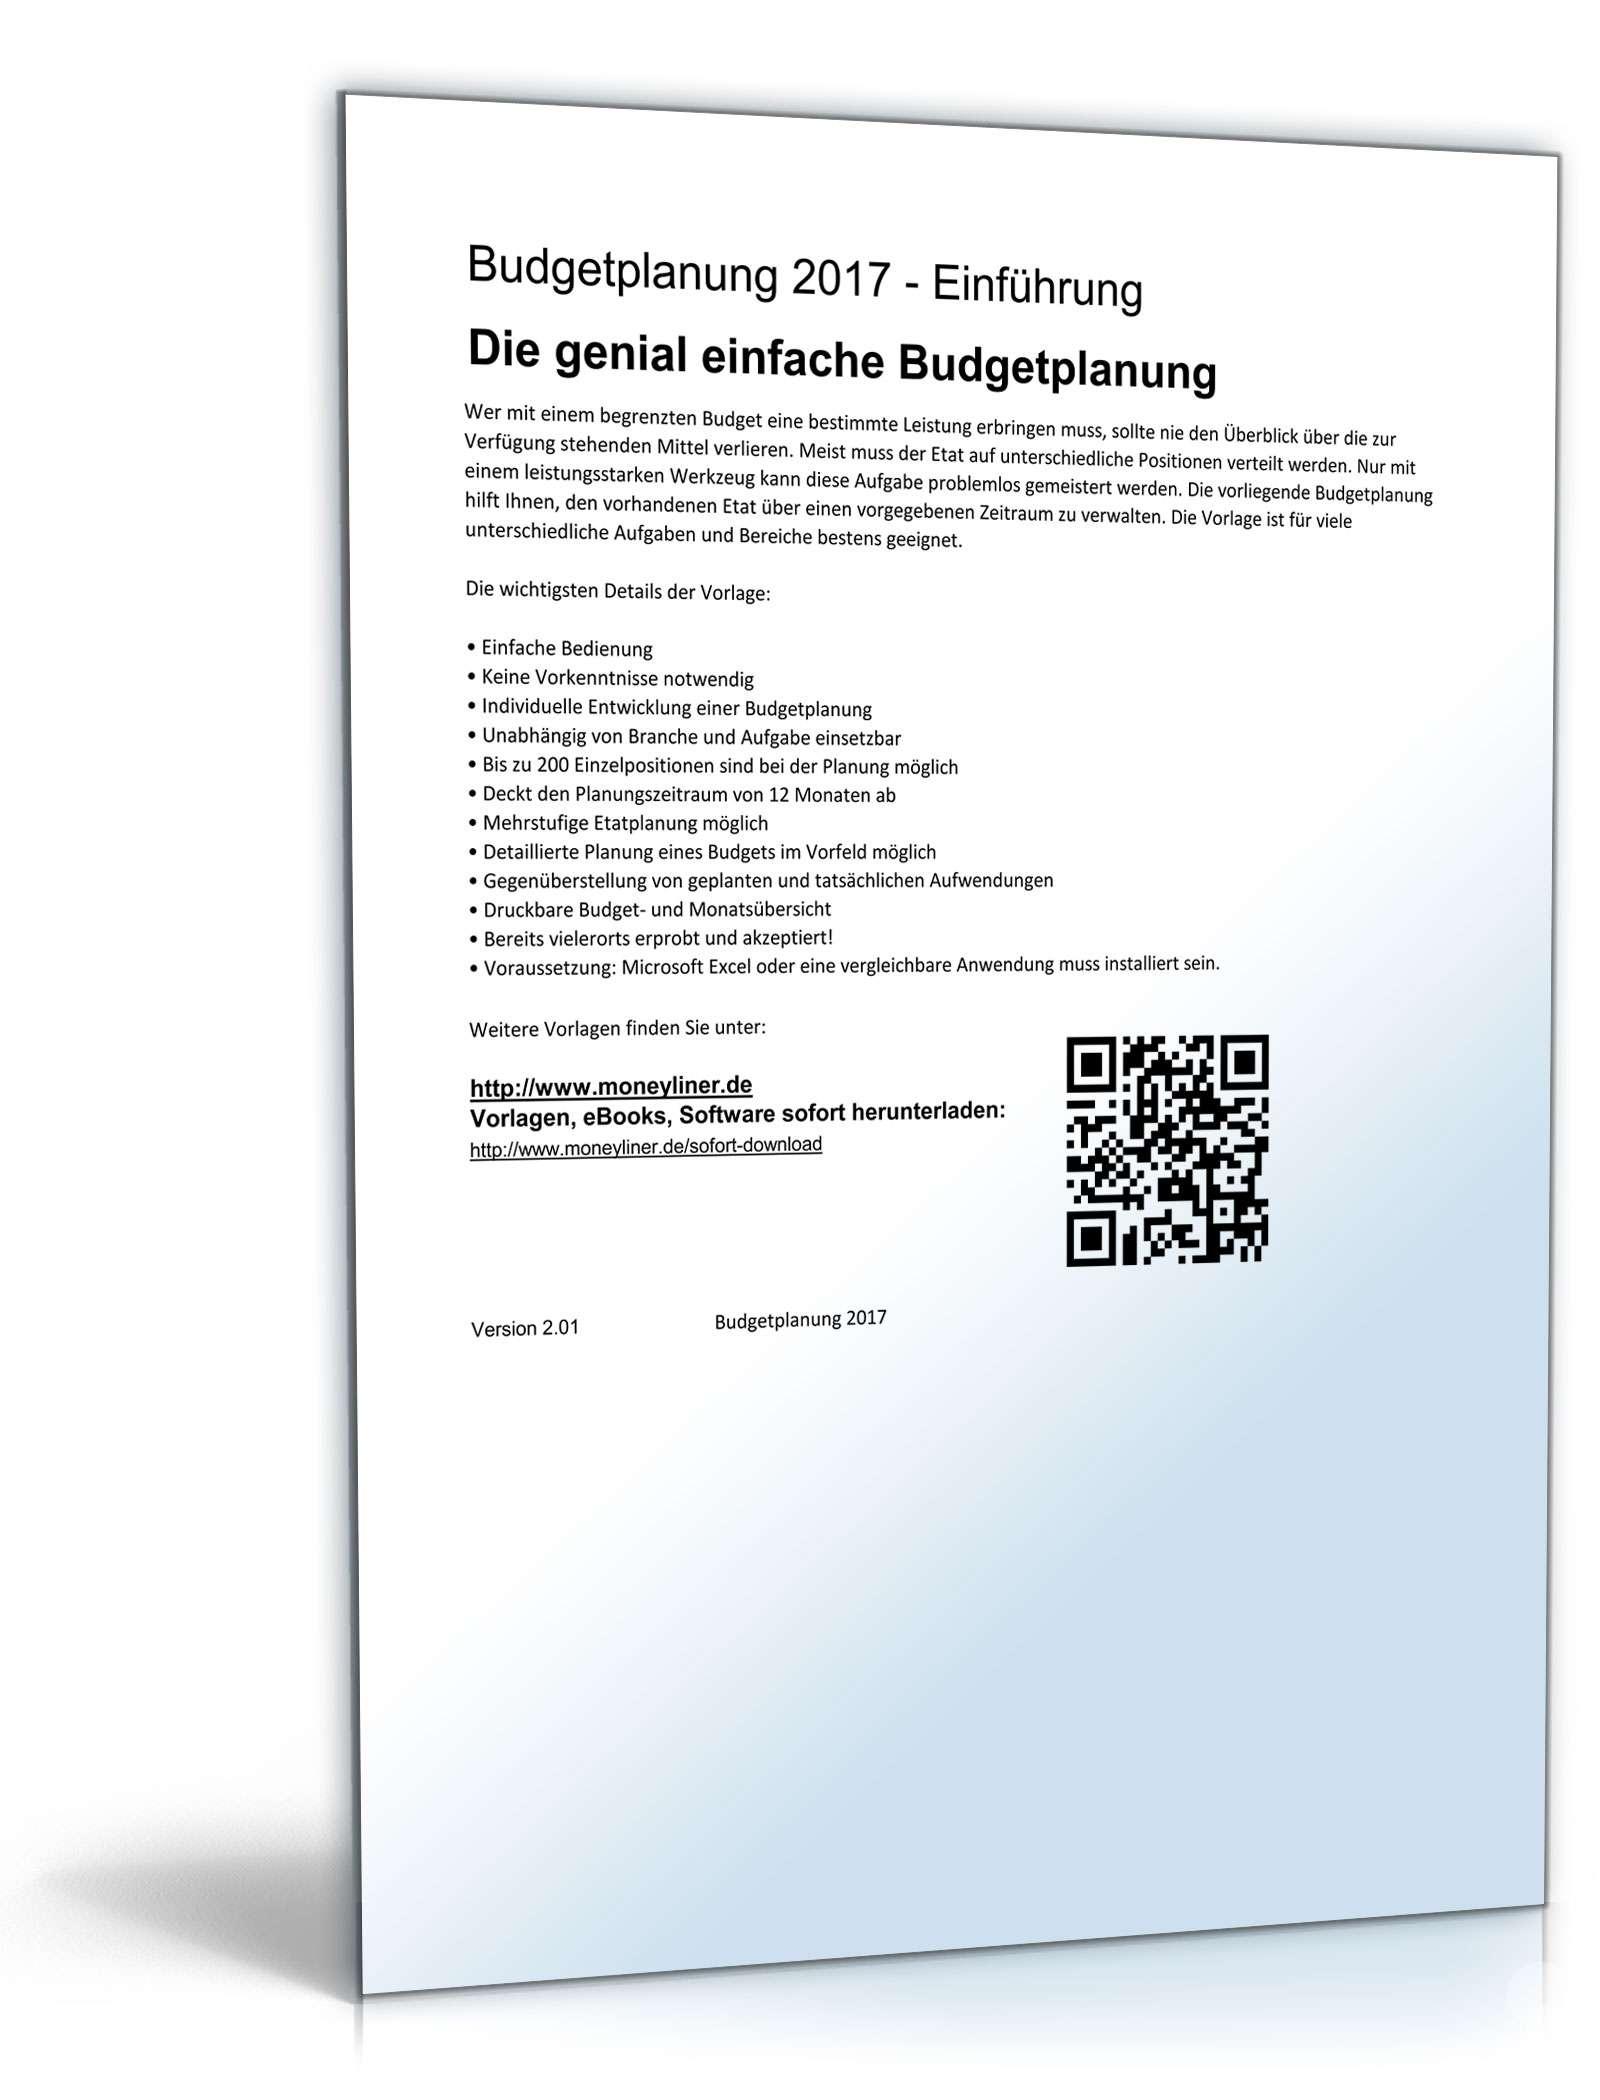 Fein Druckbare Budgetvorlage Bilder - Entry Level Resume Vorlagen ...